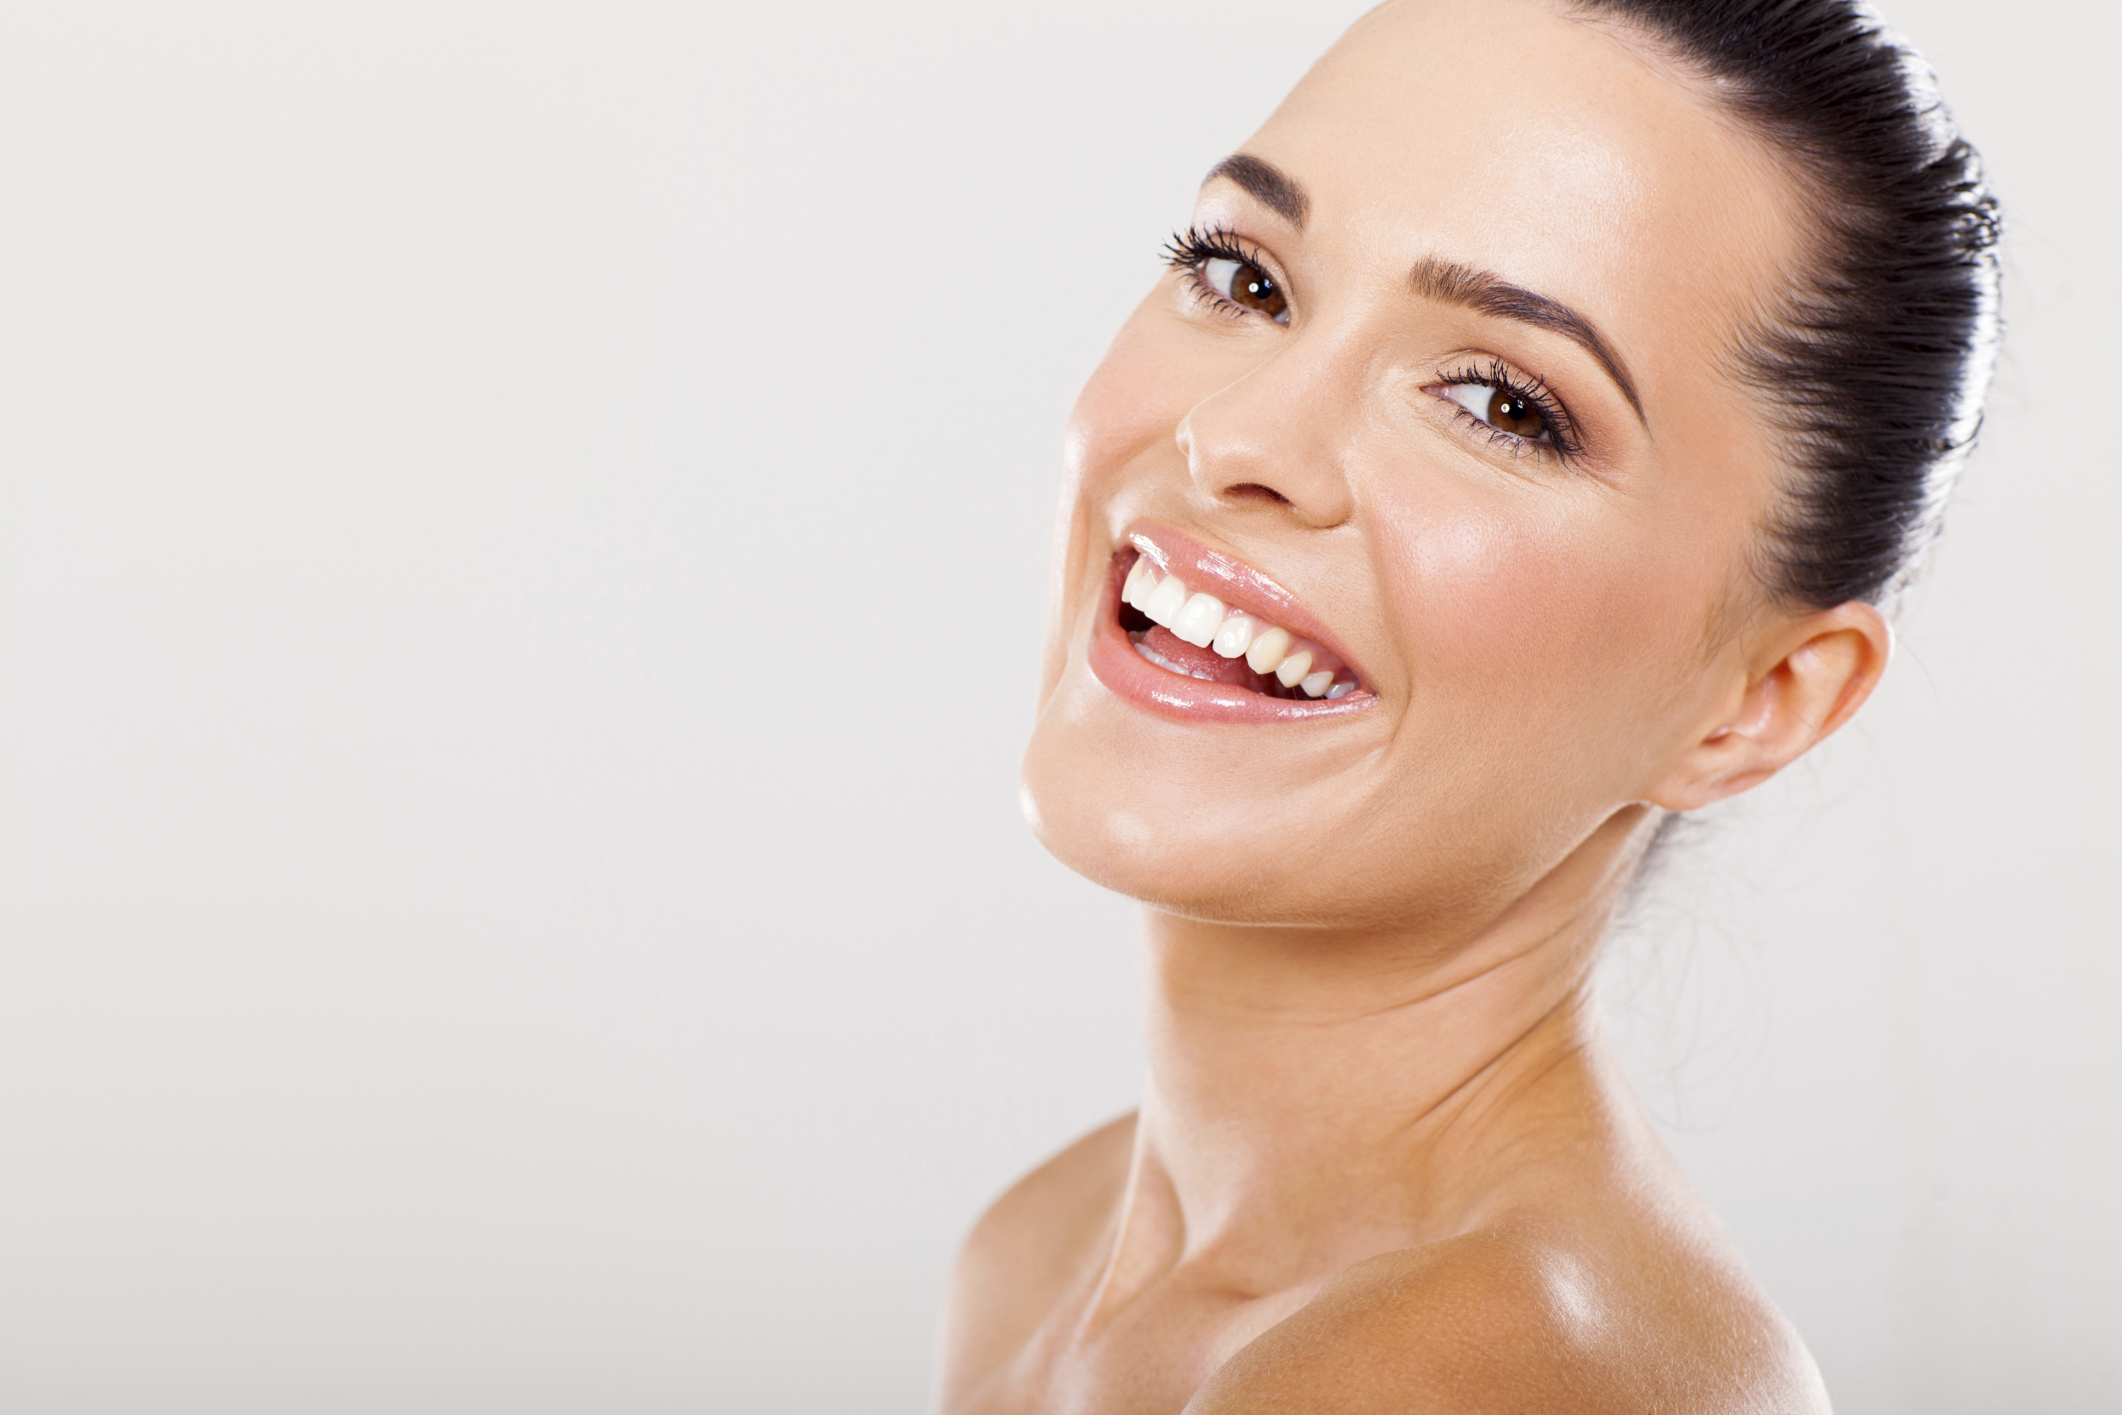 d069bb4ed Pequenas mudanças no visual podem te deixar de cara nova sem cirurgia -  Moda e Beleza - GNT